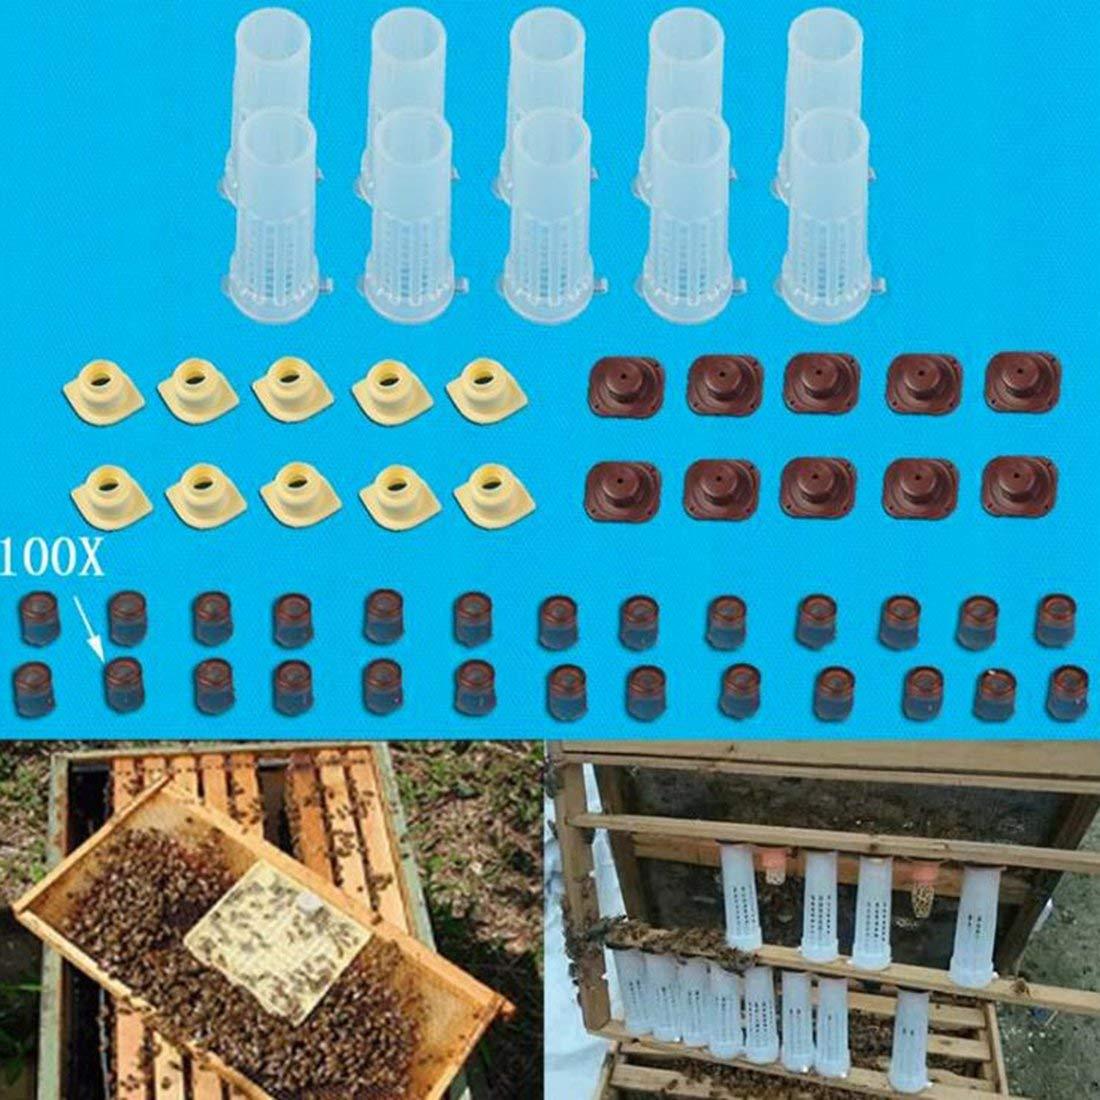 Bienenzuchtwerkzeuge Ausr/üstungsset K/önigin Aufzuchtsystem Kultivierungsbox Kunststoff Bienenzellbecher K/önigin Aufzucht Cupkit Box Mehrfarbig